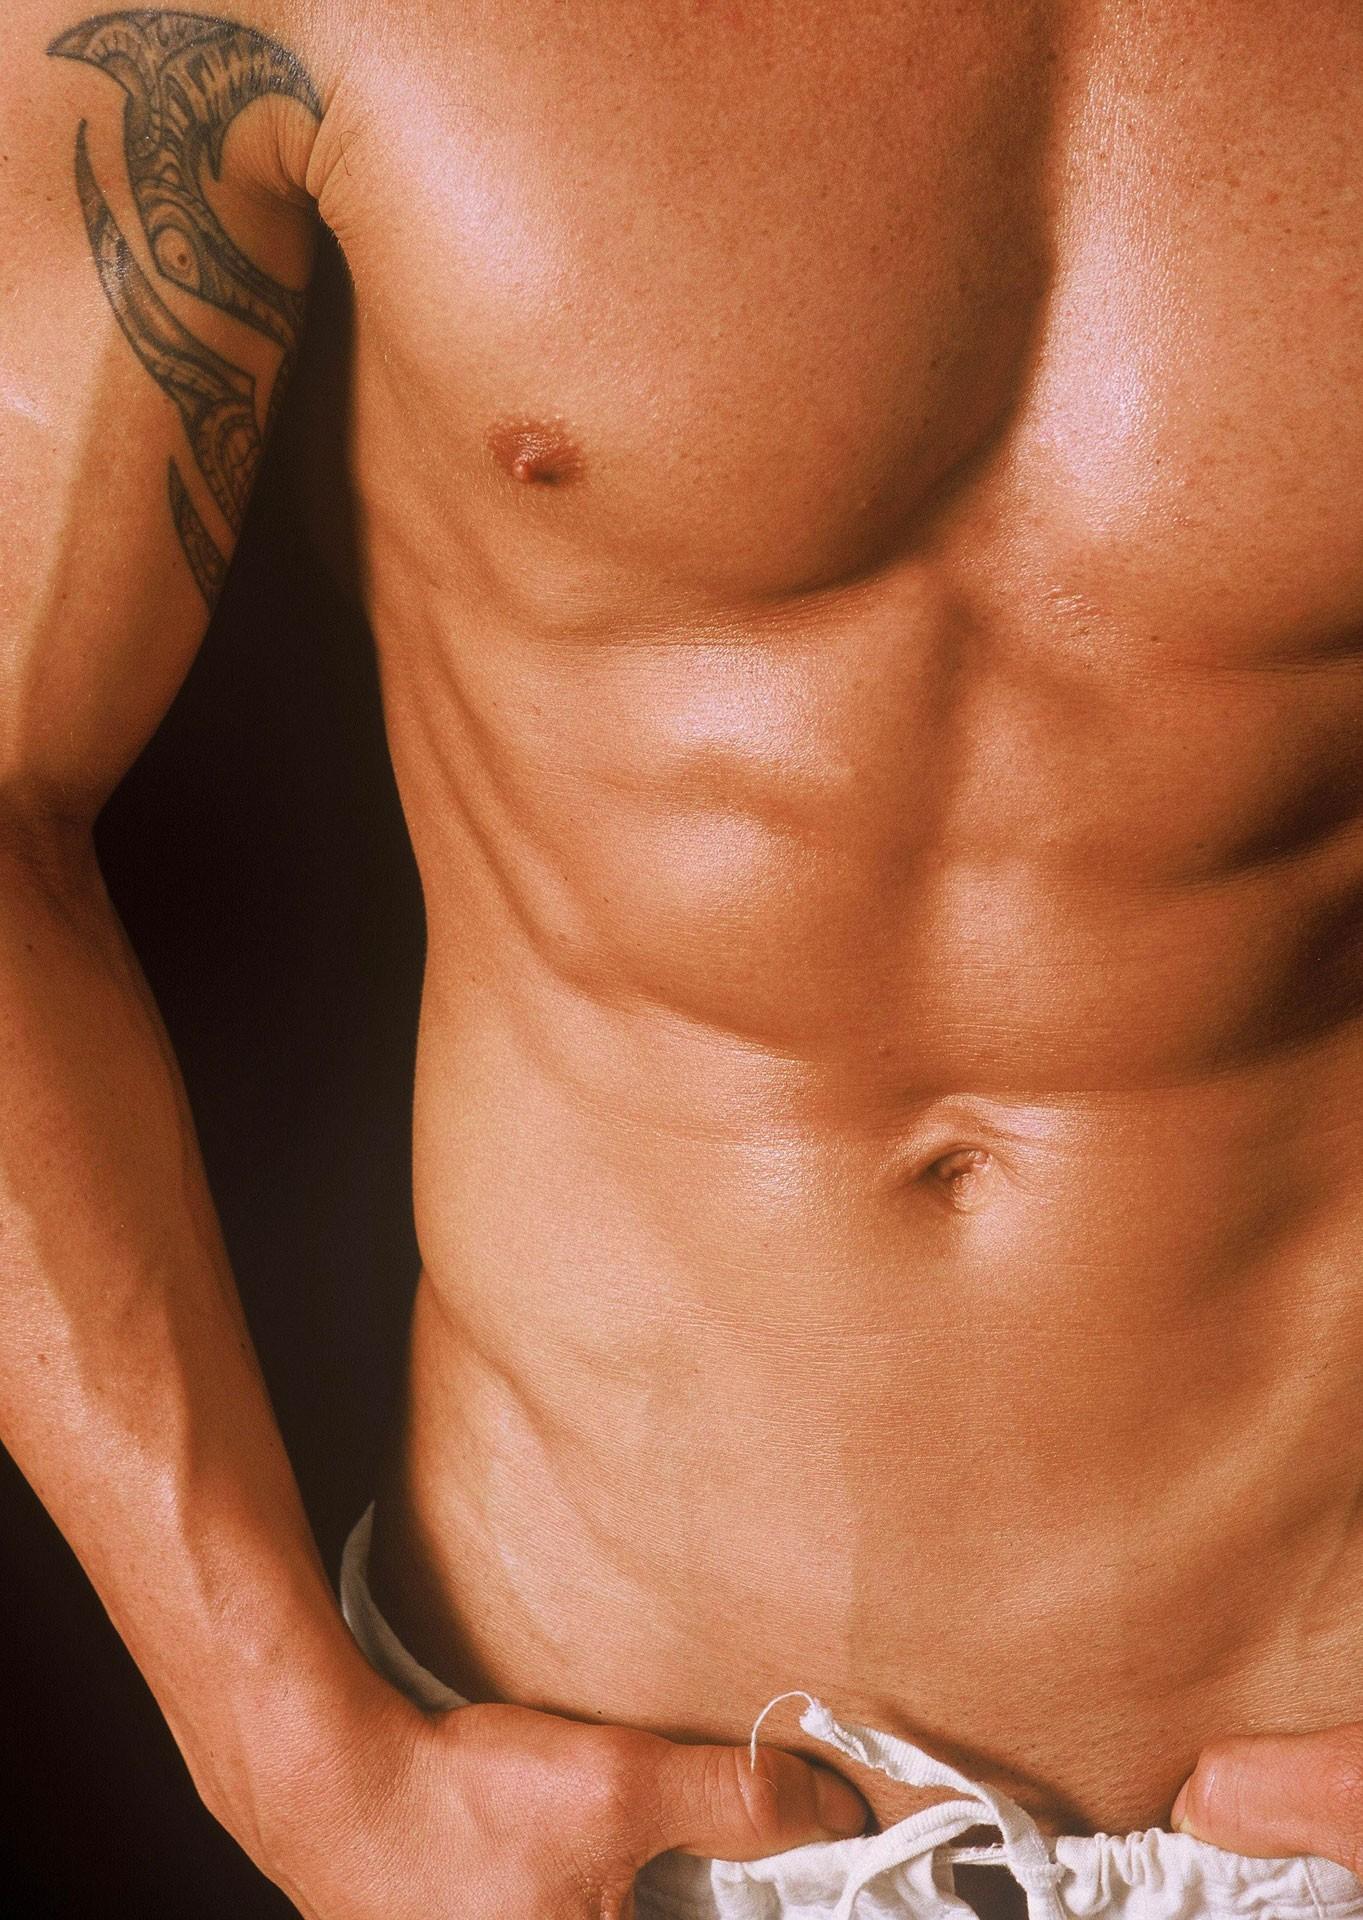 tipps zur selbstbefriedigung mann sexkino erotica berlin